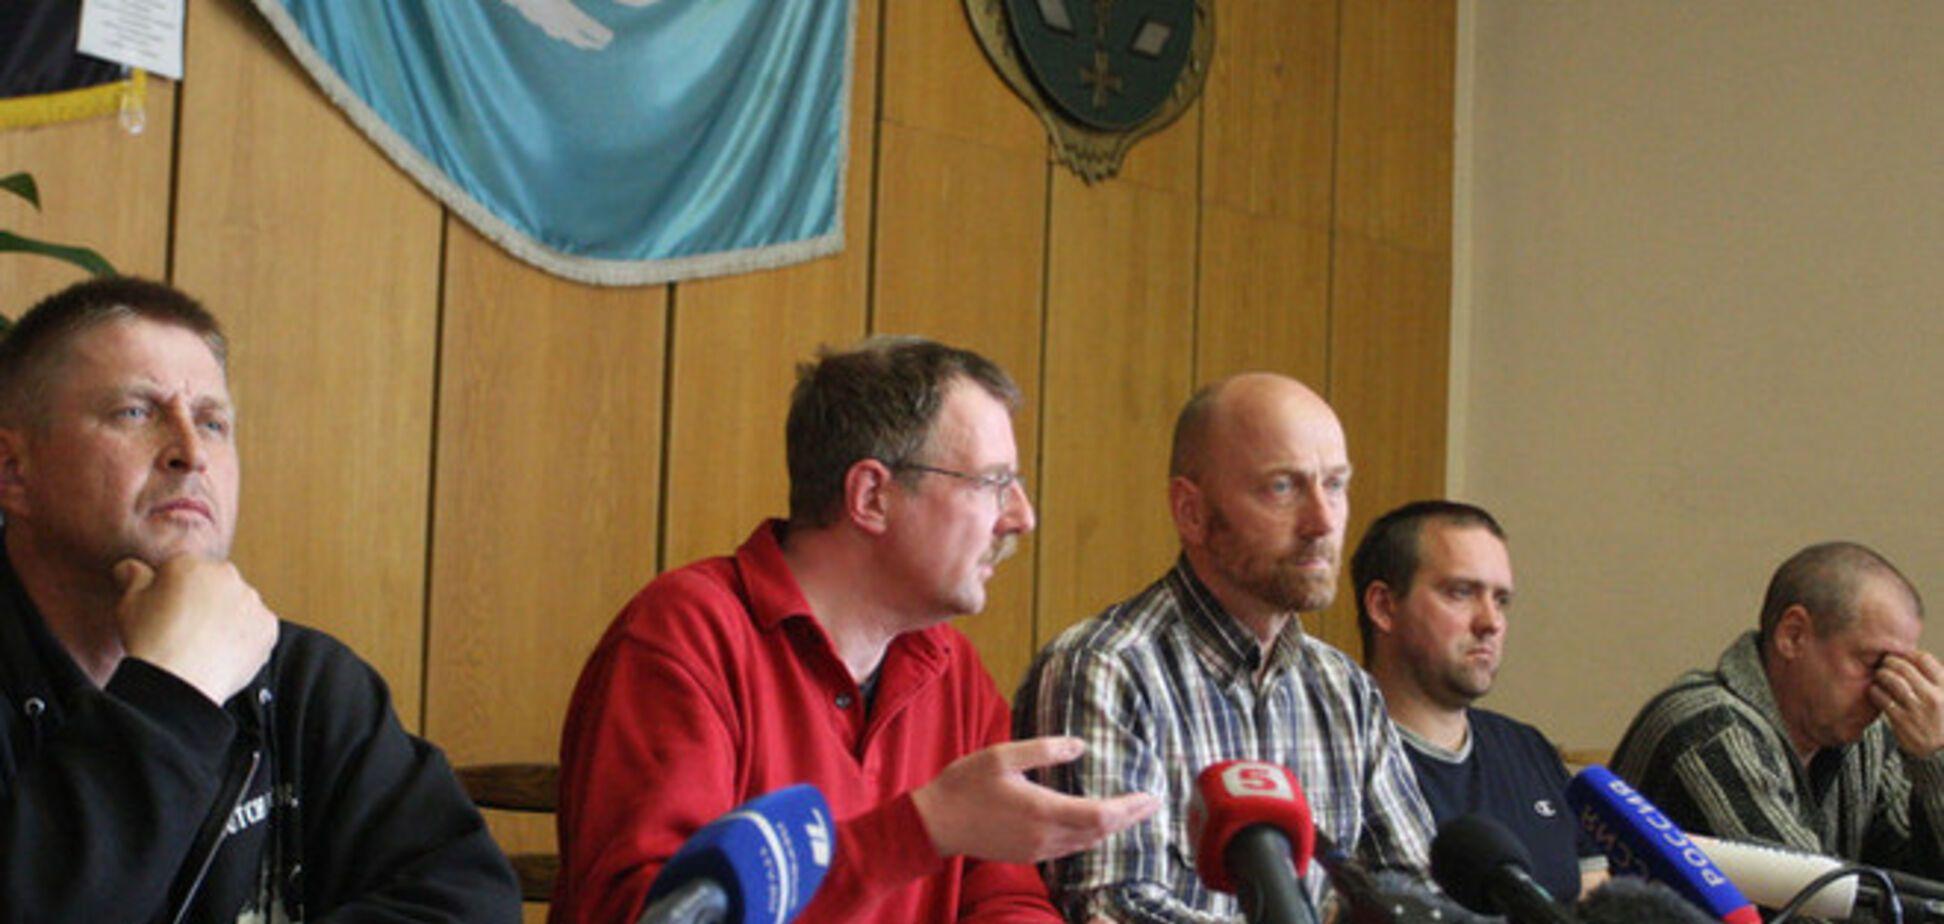 Вишеградська четвірка закликала звільнити спостерігачів ОБСЄ в Слов'янську